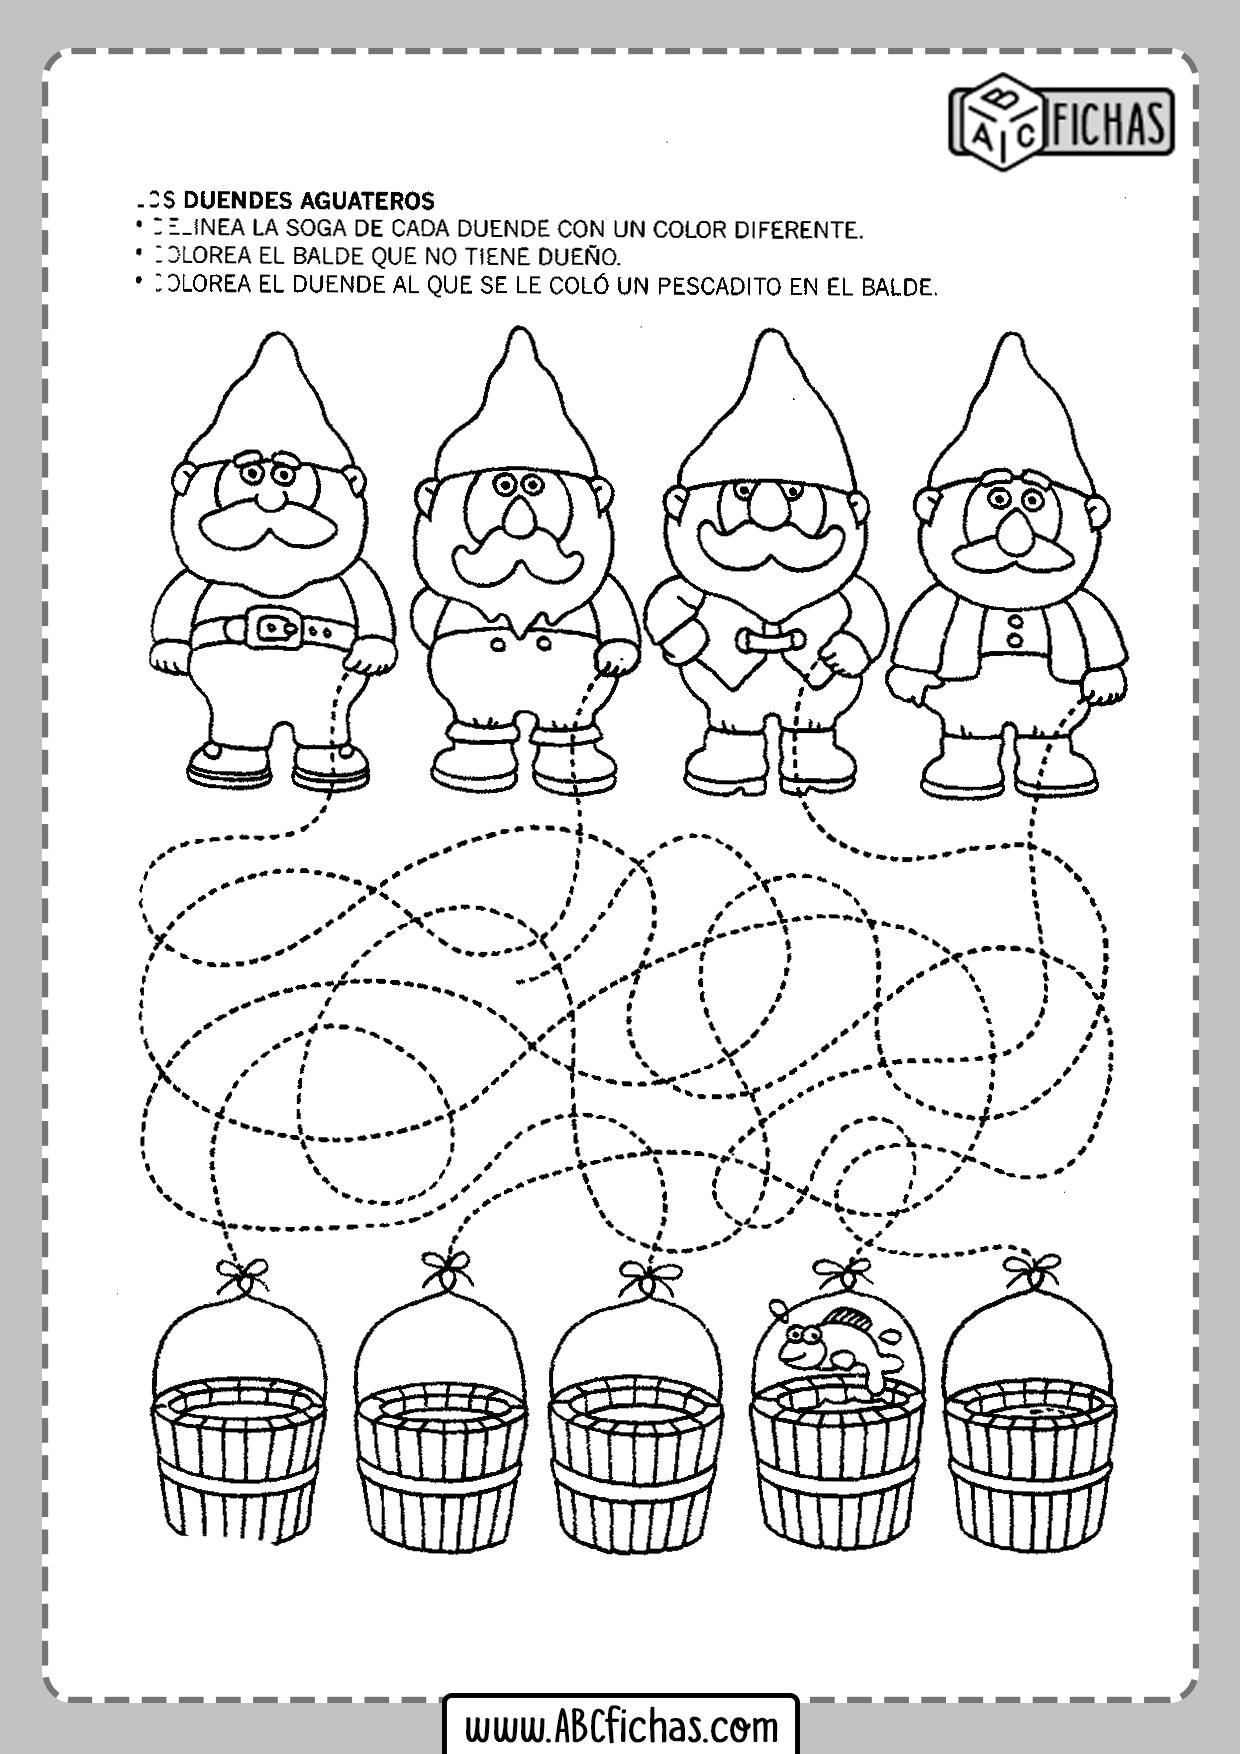 Actividades para niños pequeños para imprimir